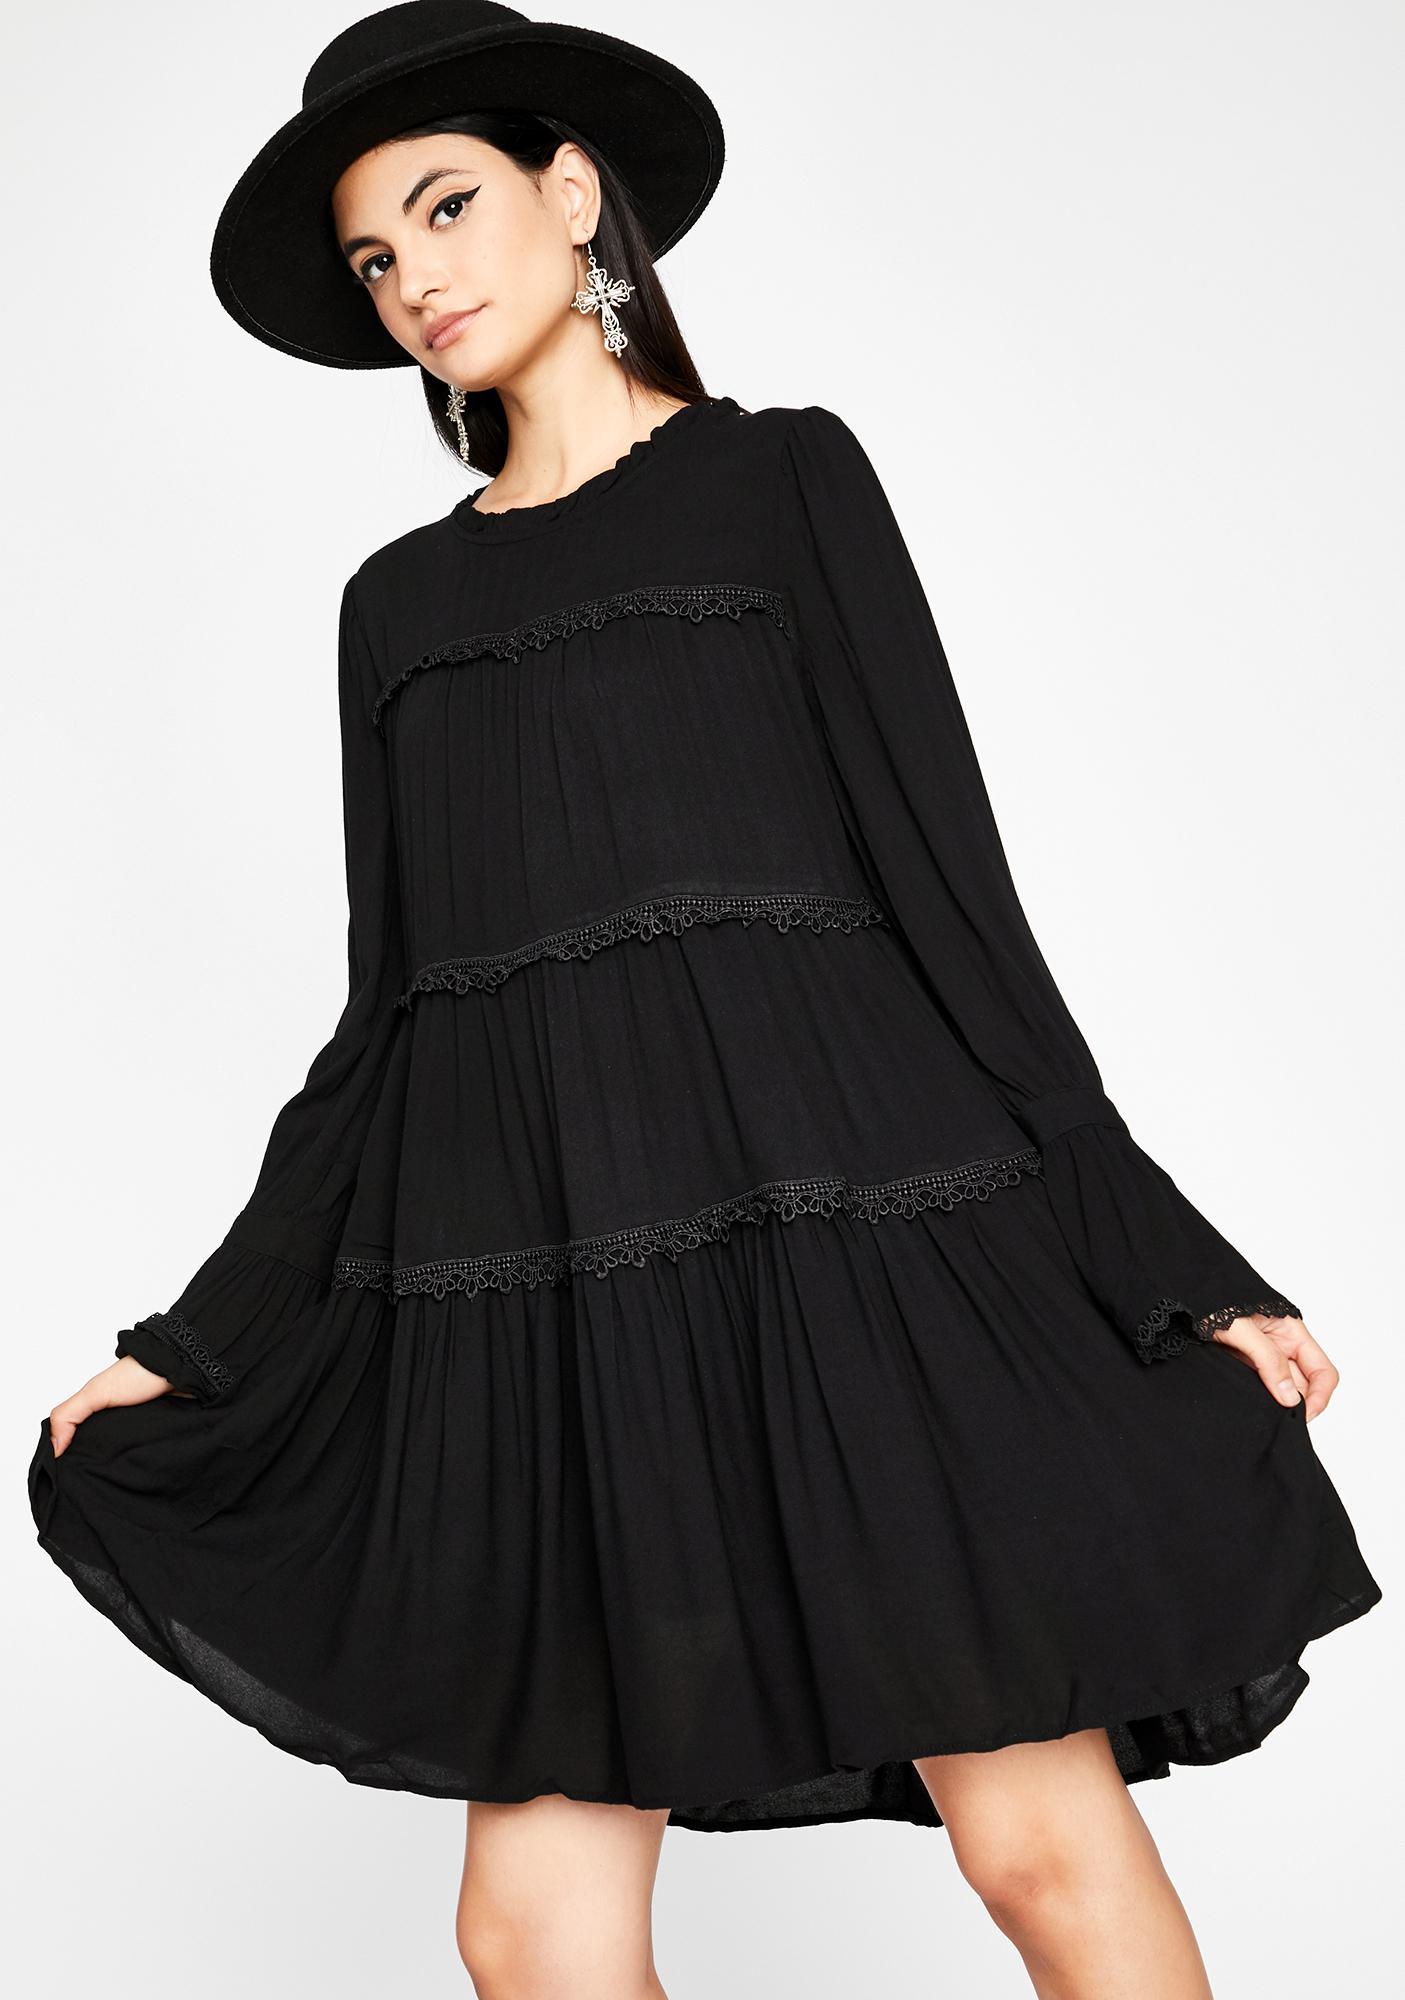 Coven Kween Babydoll Dress